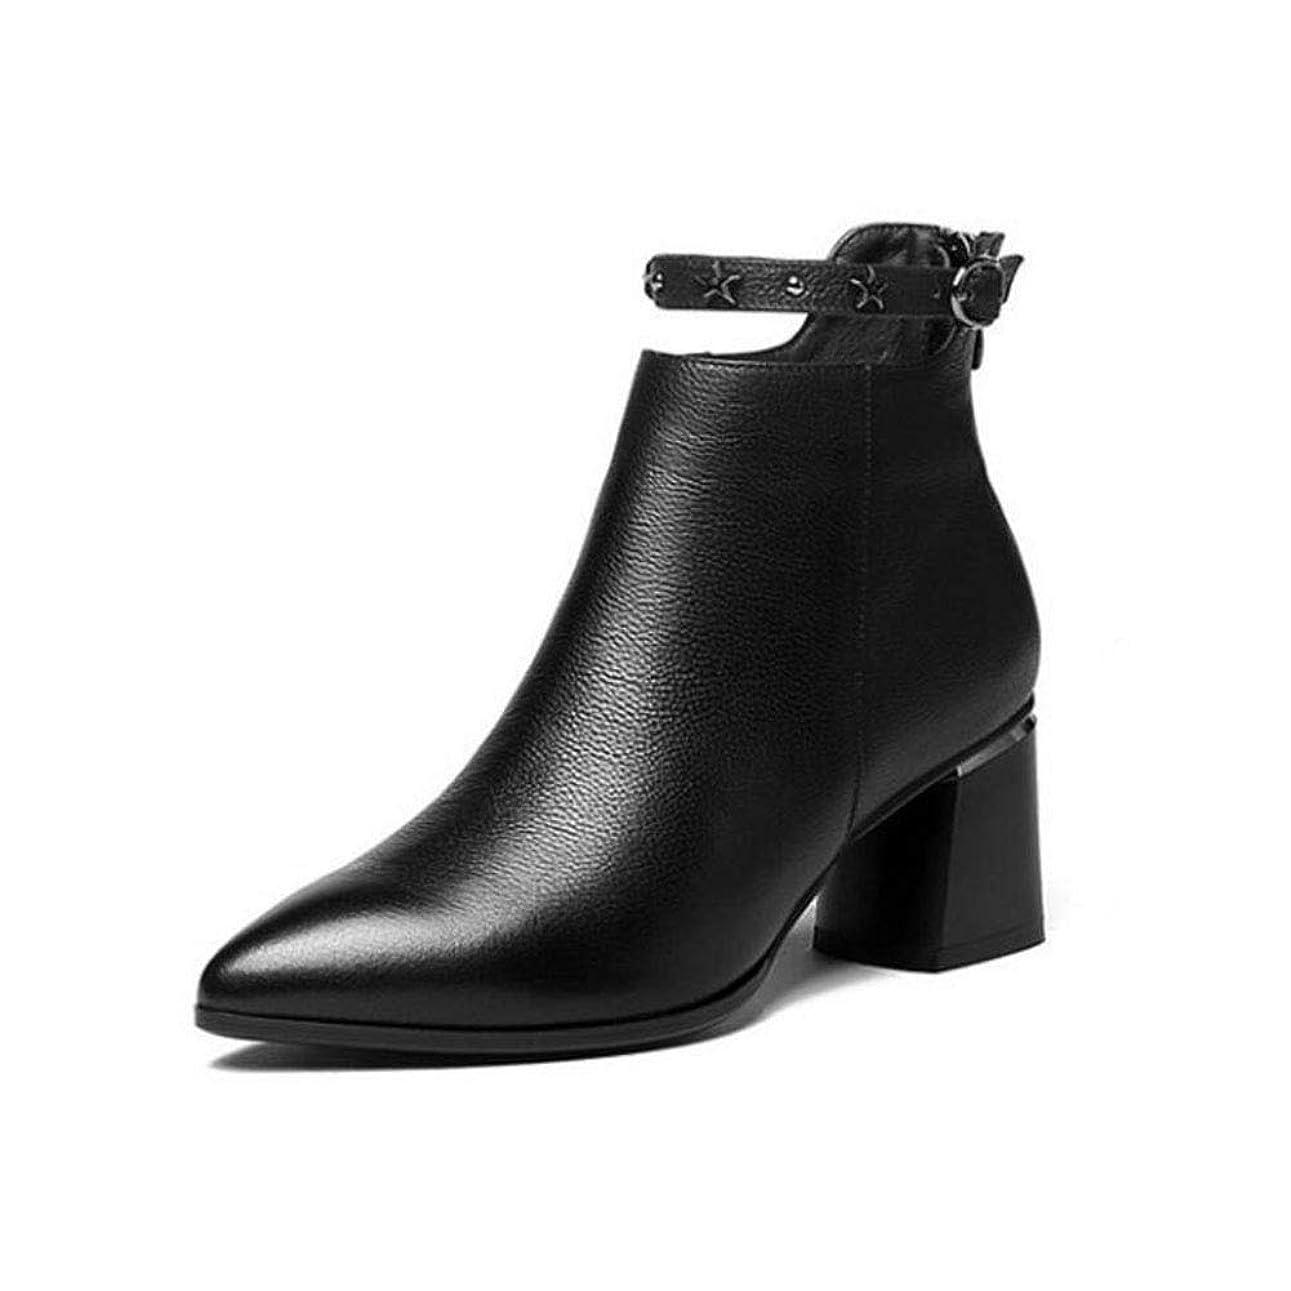 公園宇宙不愉快女性のブロックのヒールのブーツ、秋/冬のチンキーヒールのブーツ/アンクルブーツファッションはワイルド多目的な厚いヒールファッションレディースシューズを指摘 (色 : Black velvet, サイズ : 38)